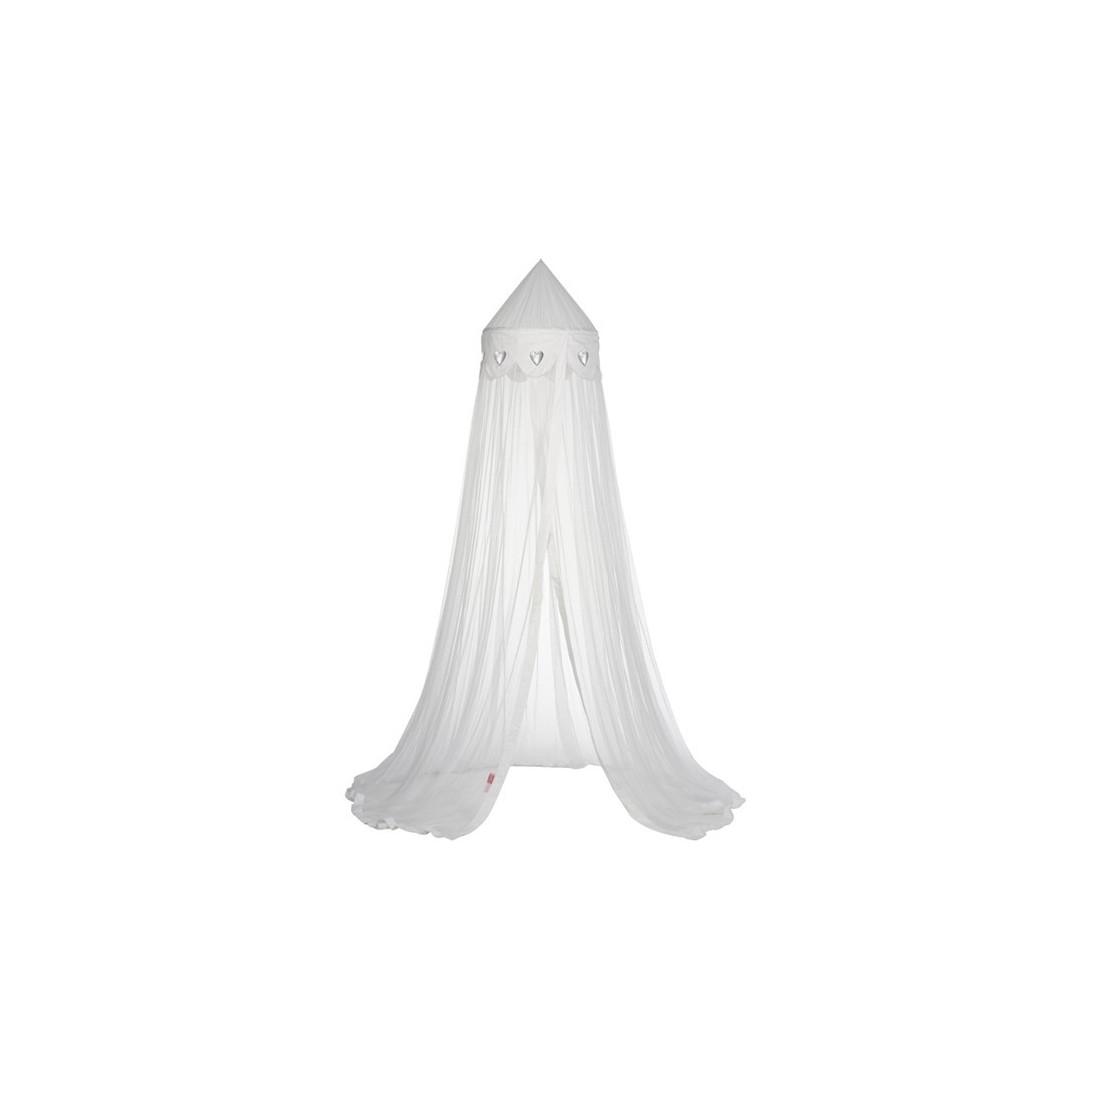 Ciel de lit moustiquaire blanc coeur argent ma chambramoi - Ciel de lit moustiquaire ...